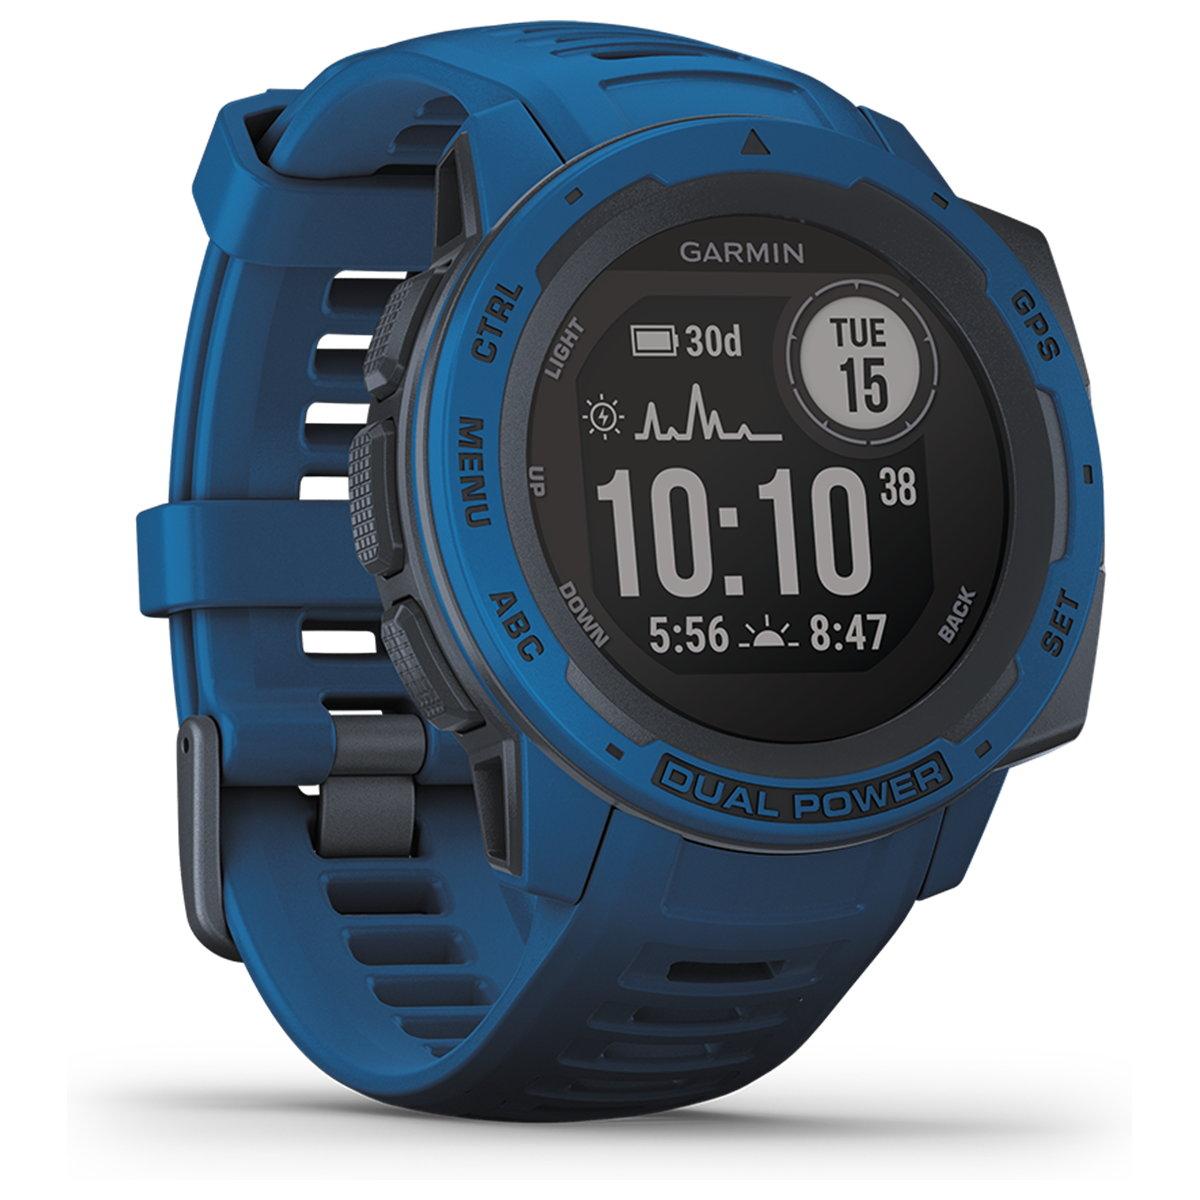 ガーミン GARMIN Instinct Dual Power Tidal Blue インスティンクト デュアルパワー スマートウォッチ ウェアラブル GPS ソーラー 腕時計 010-02293-35